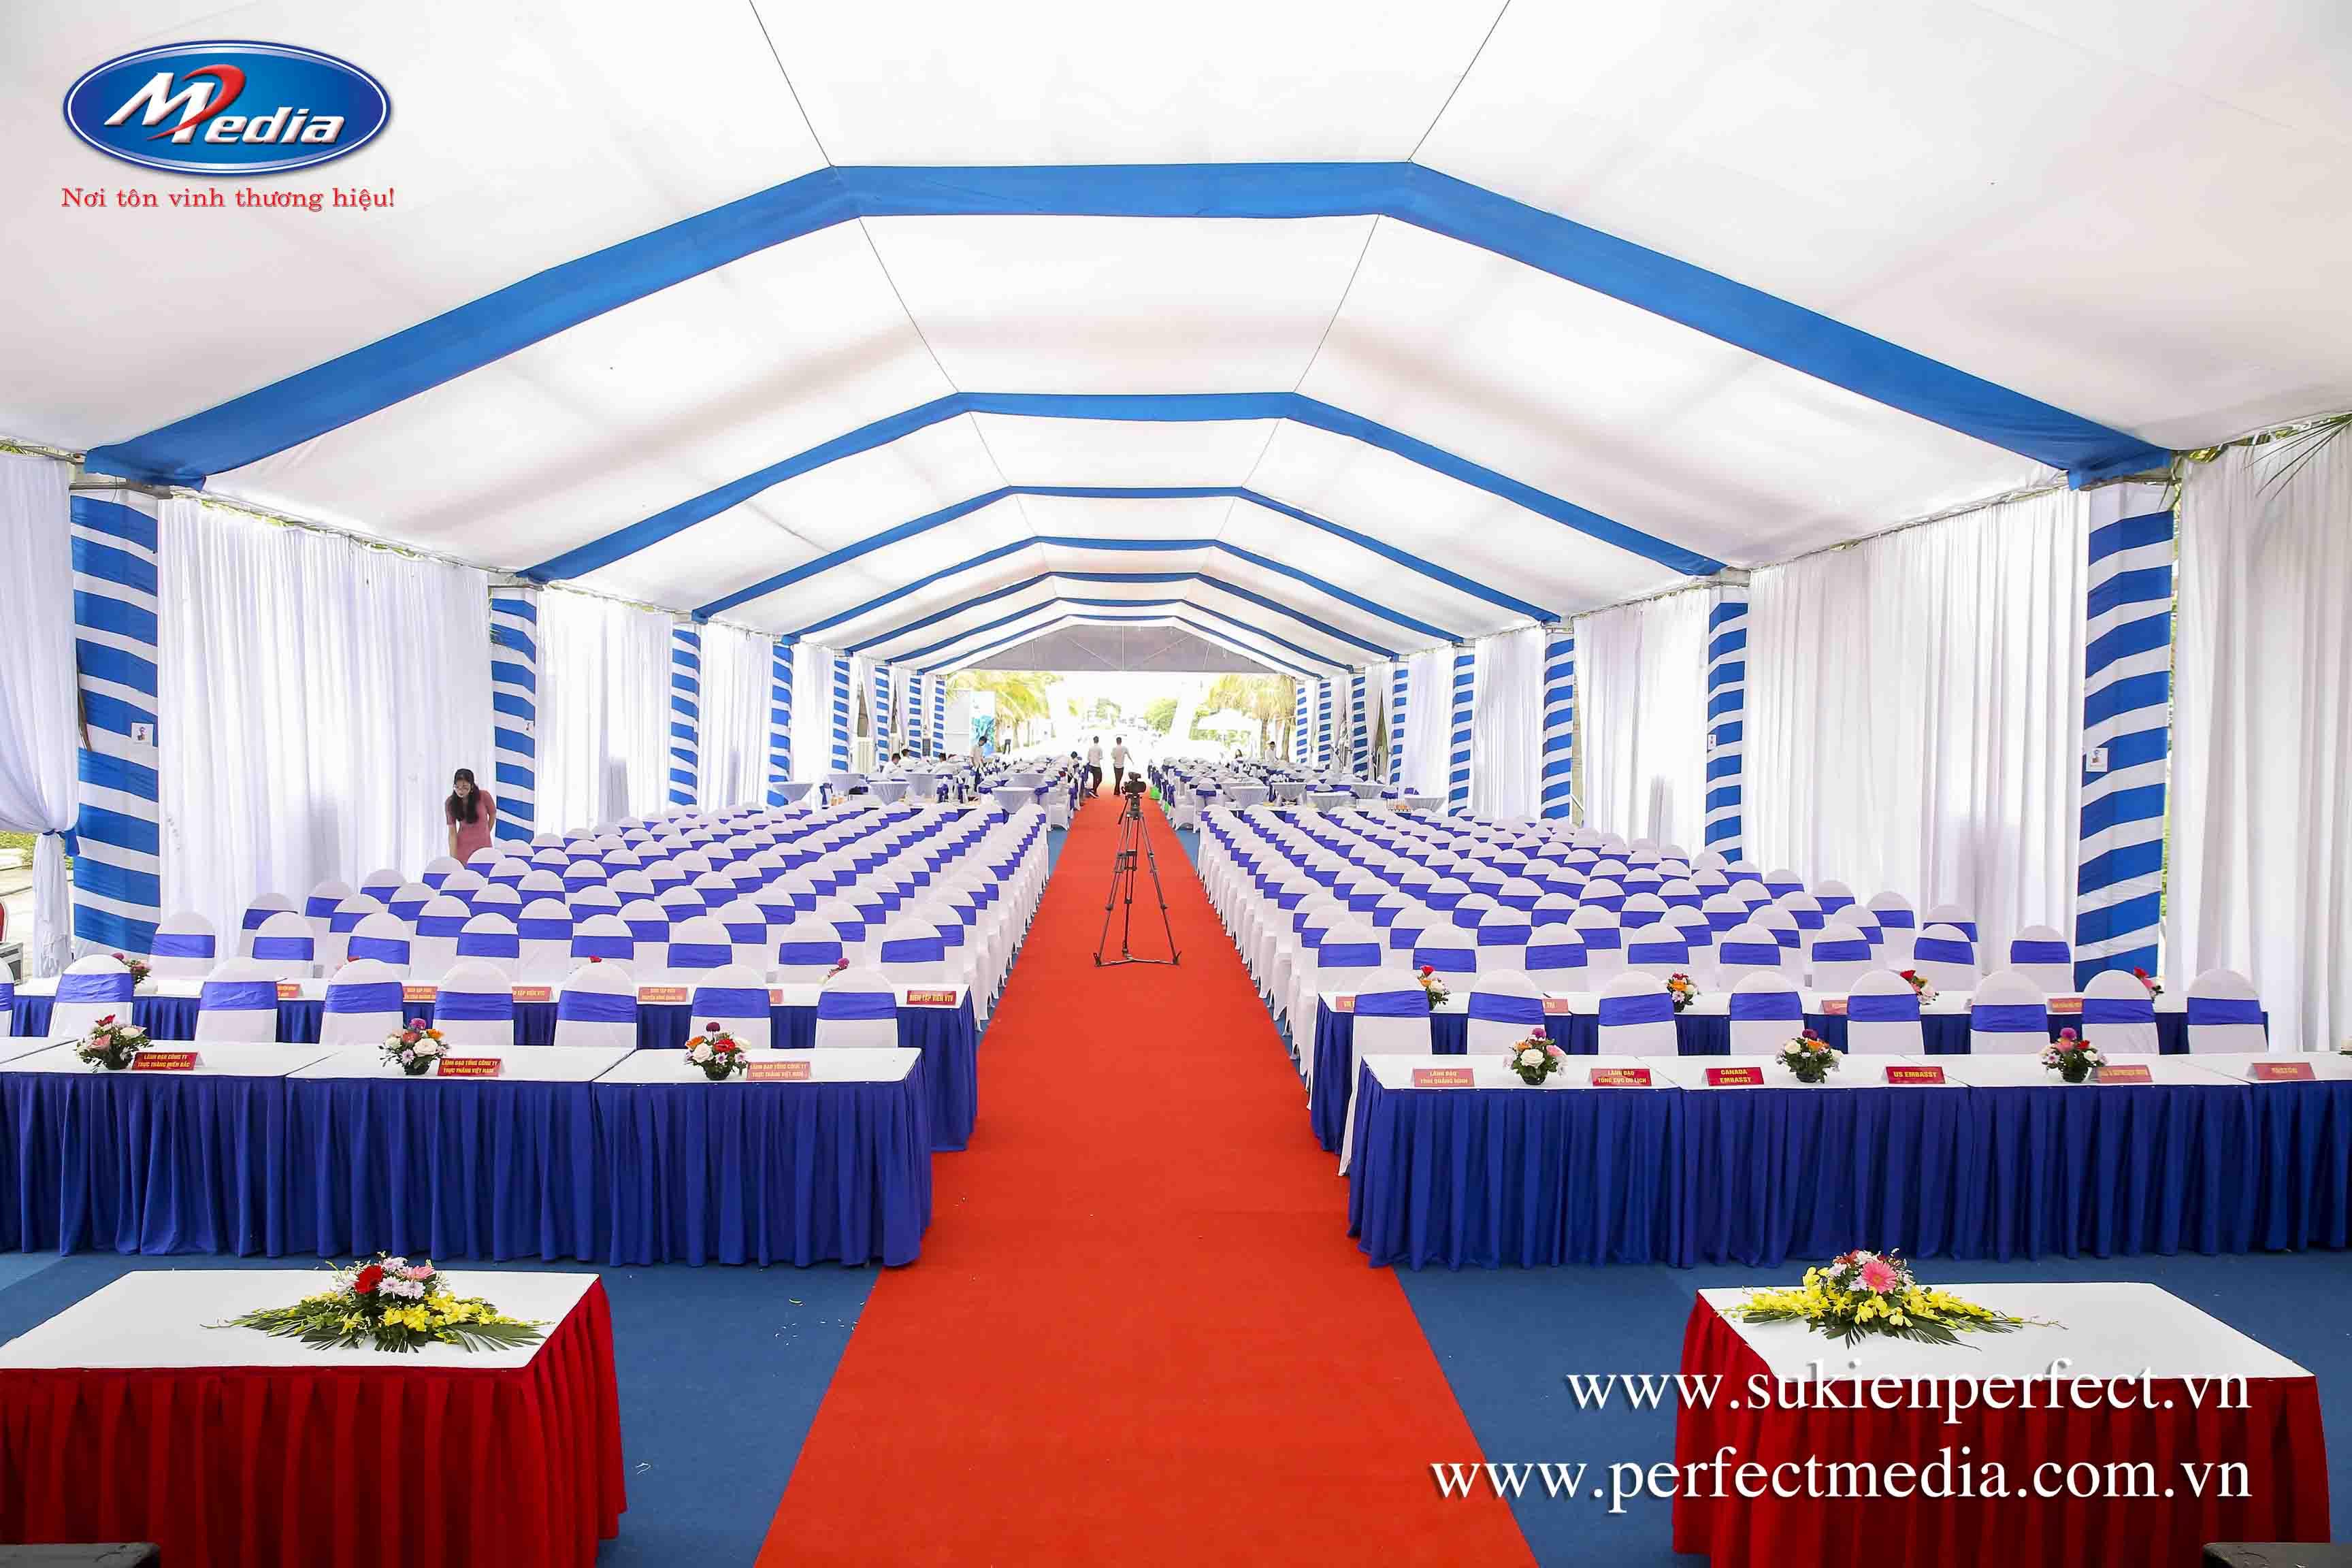 thuê nhà bạt, bàn ghế sự kiện tốt nhất, chuyên nghiệp nhất mà giá thành phải chăng nếu Quý vị tổ chức sự kiện tại Thái Bình